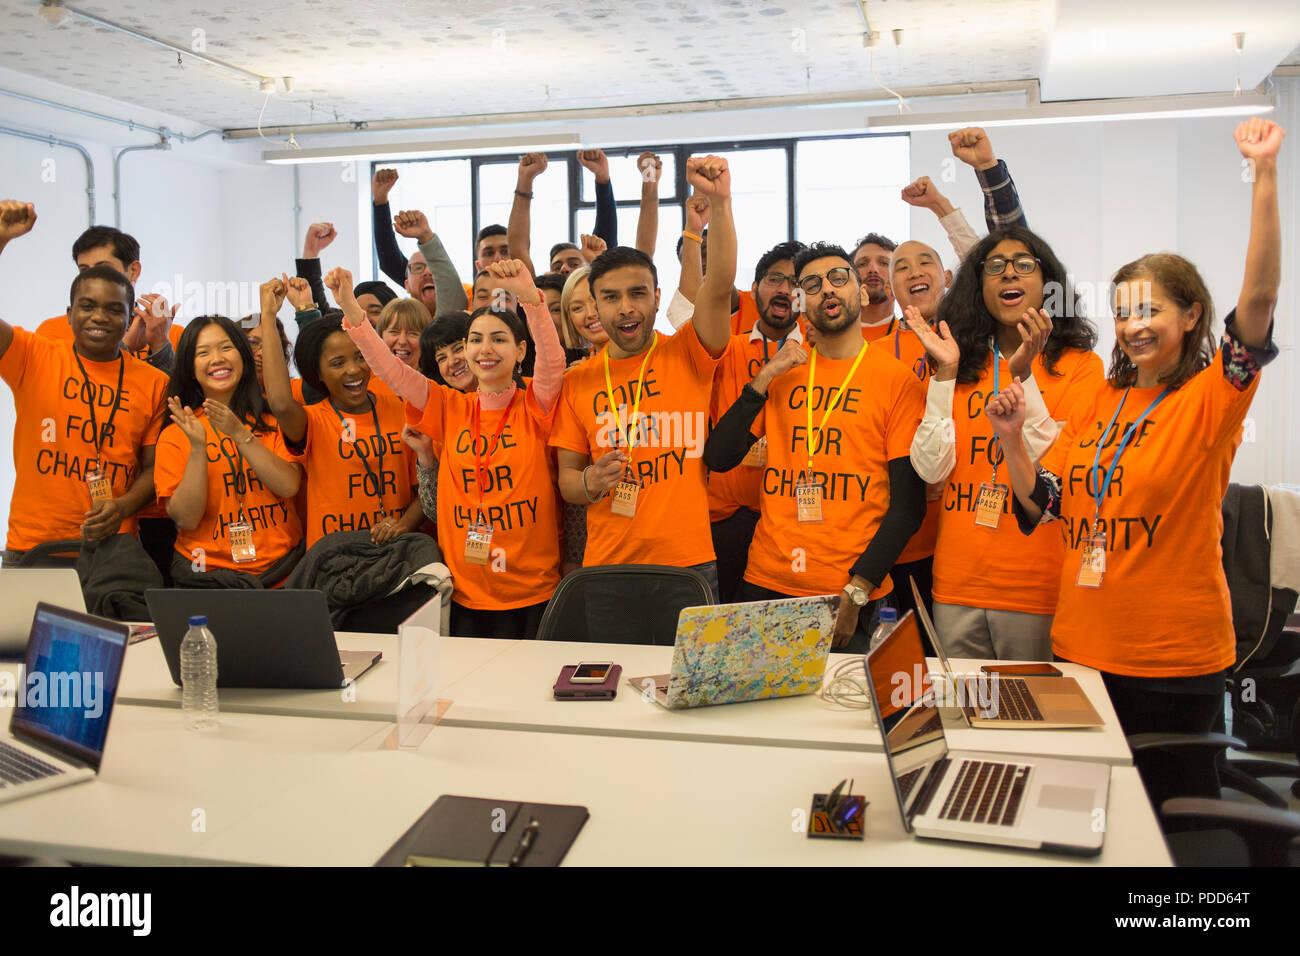 Retrato seguros de hackers vítores, codificación para caridad en hackathon Imagen De Stock